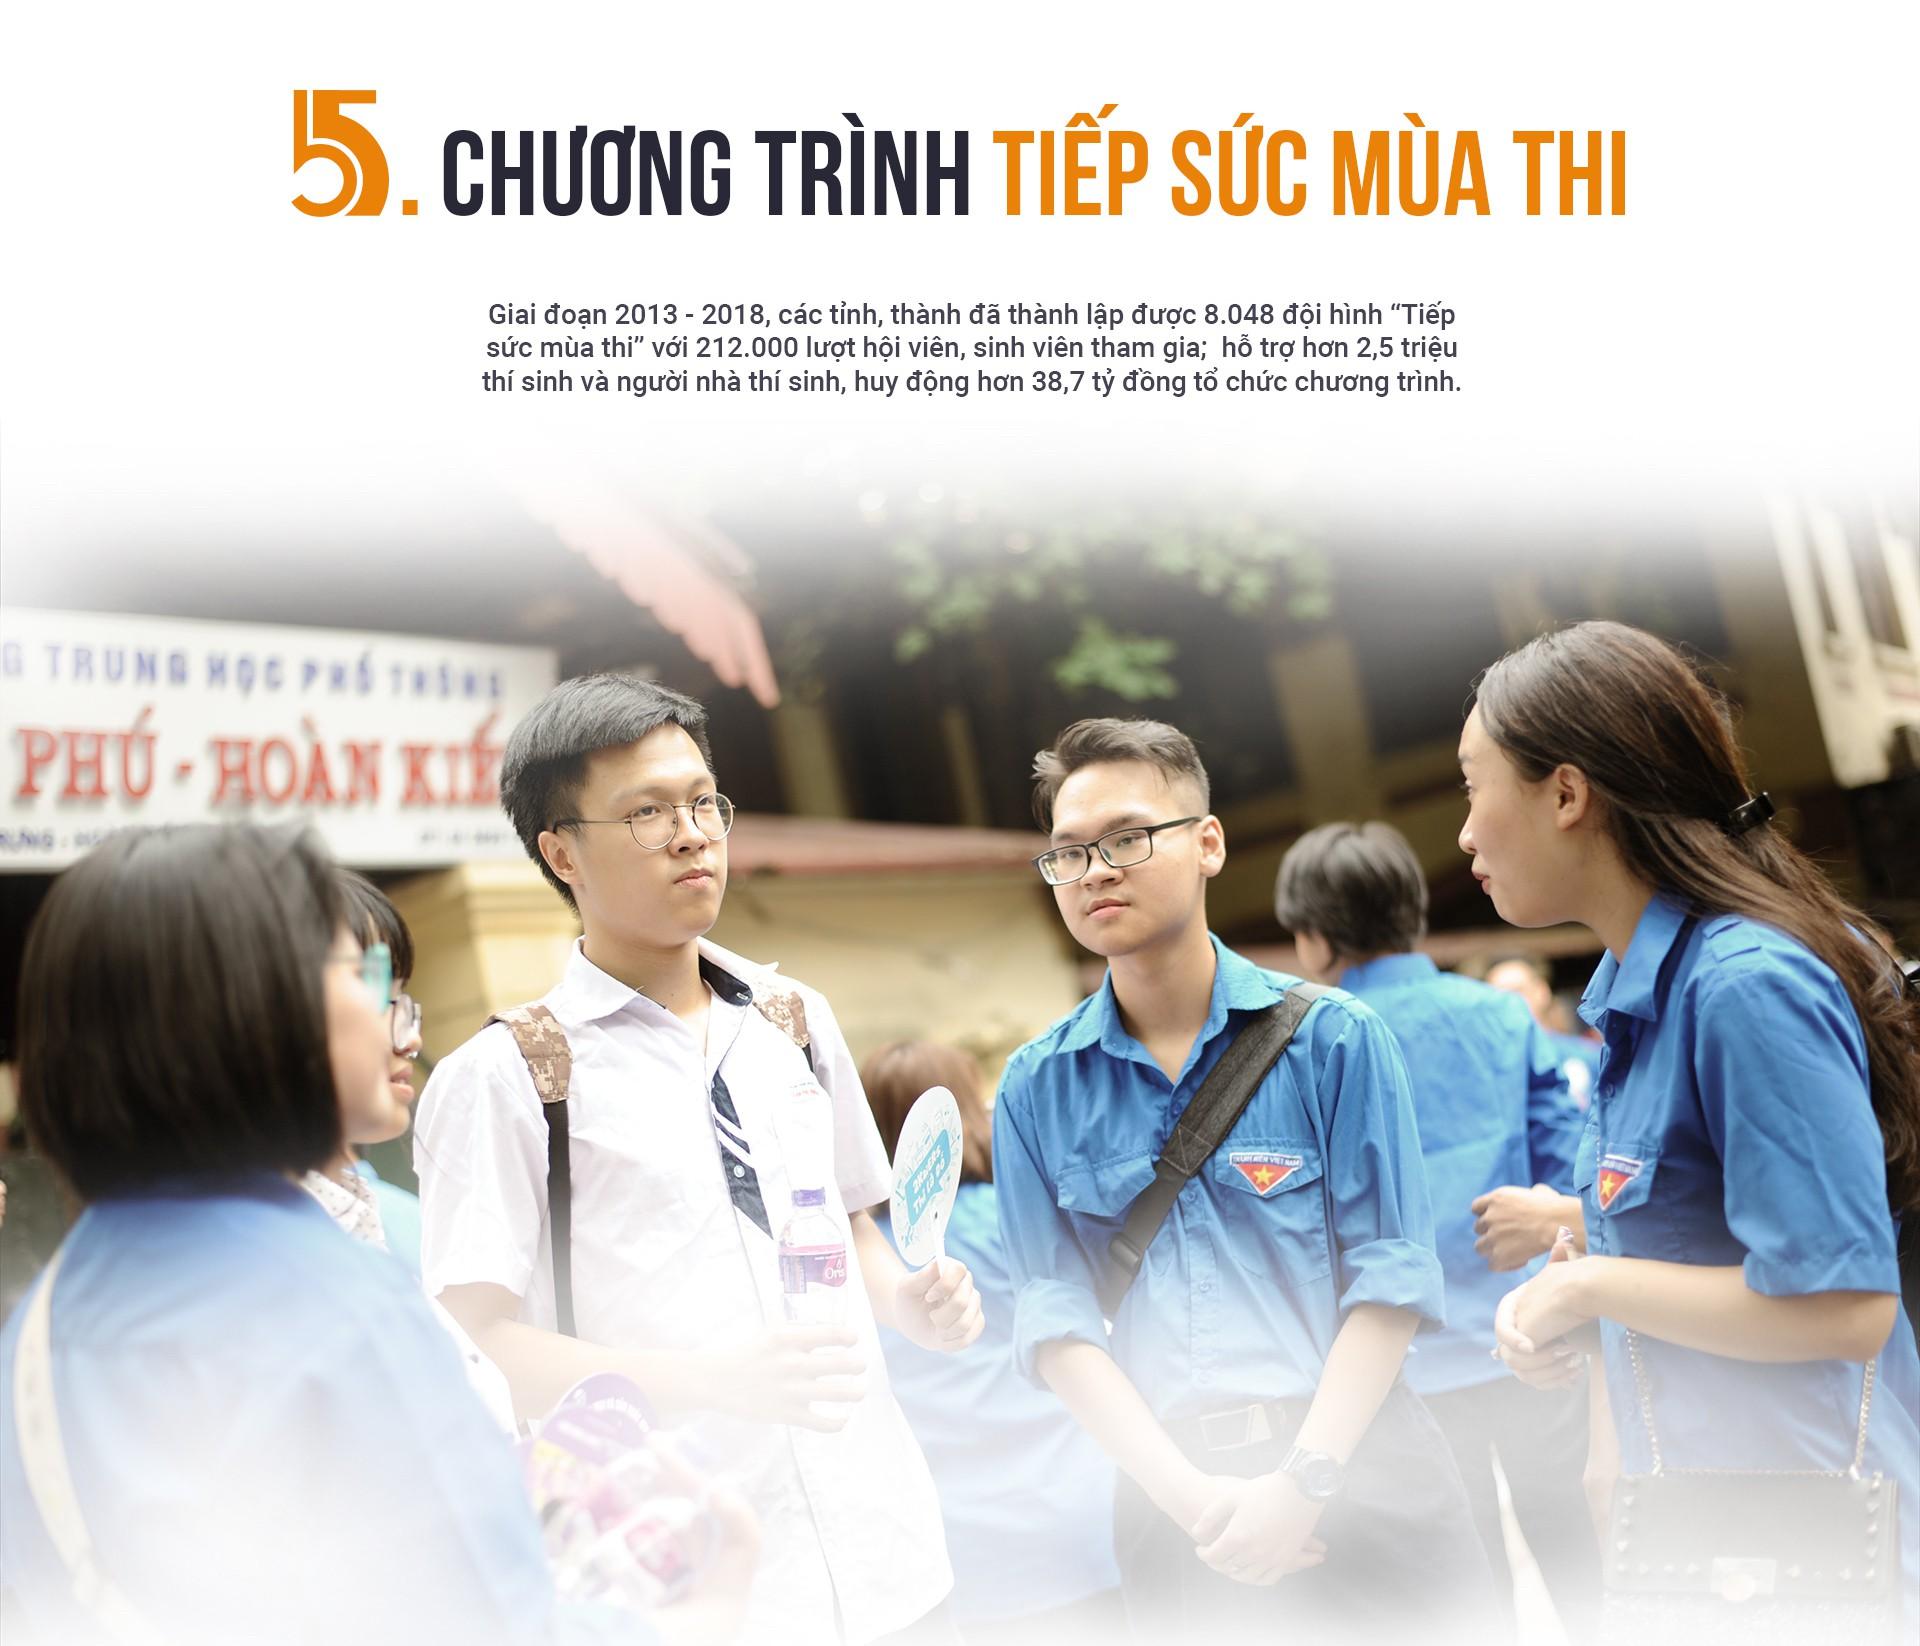 10 hoạt động, chương trình tiêu biểu của sinh viên Việt Nam - Ảnh 3.